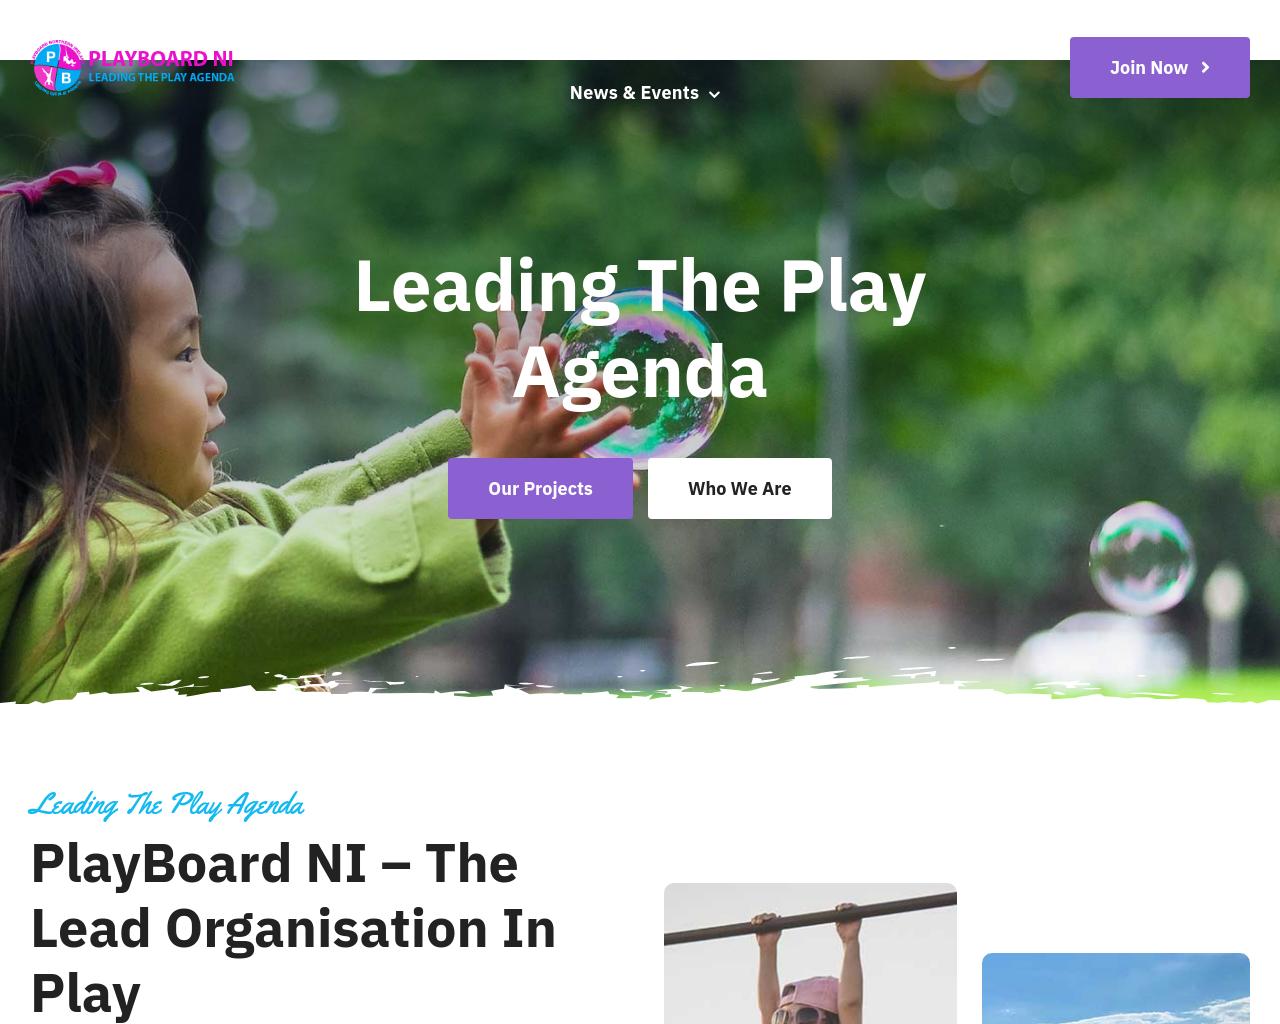 PlayBoard NI